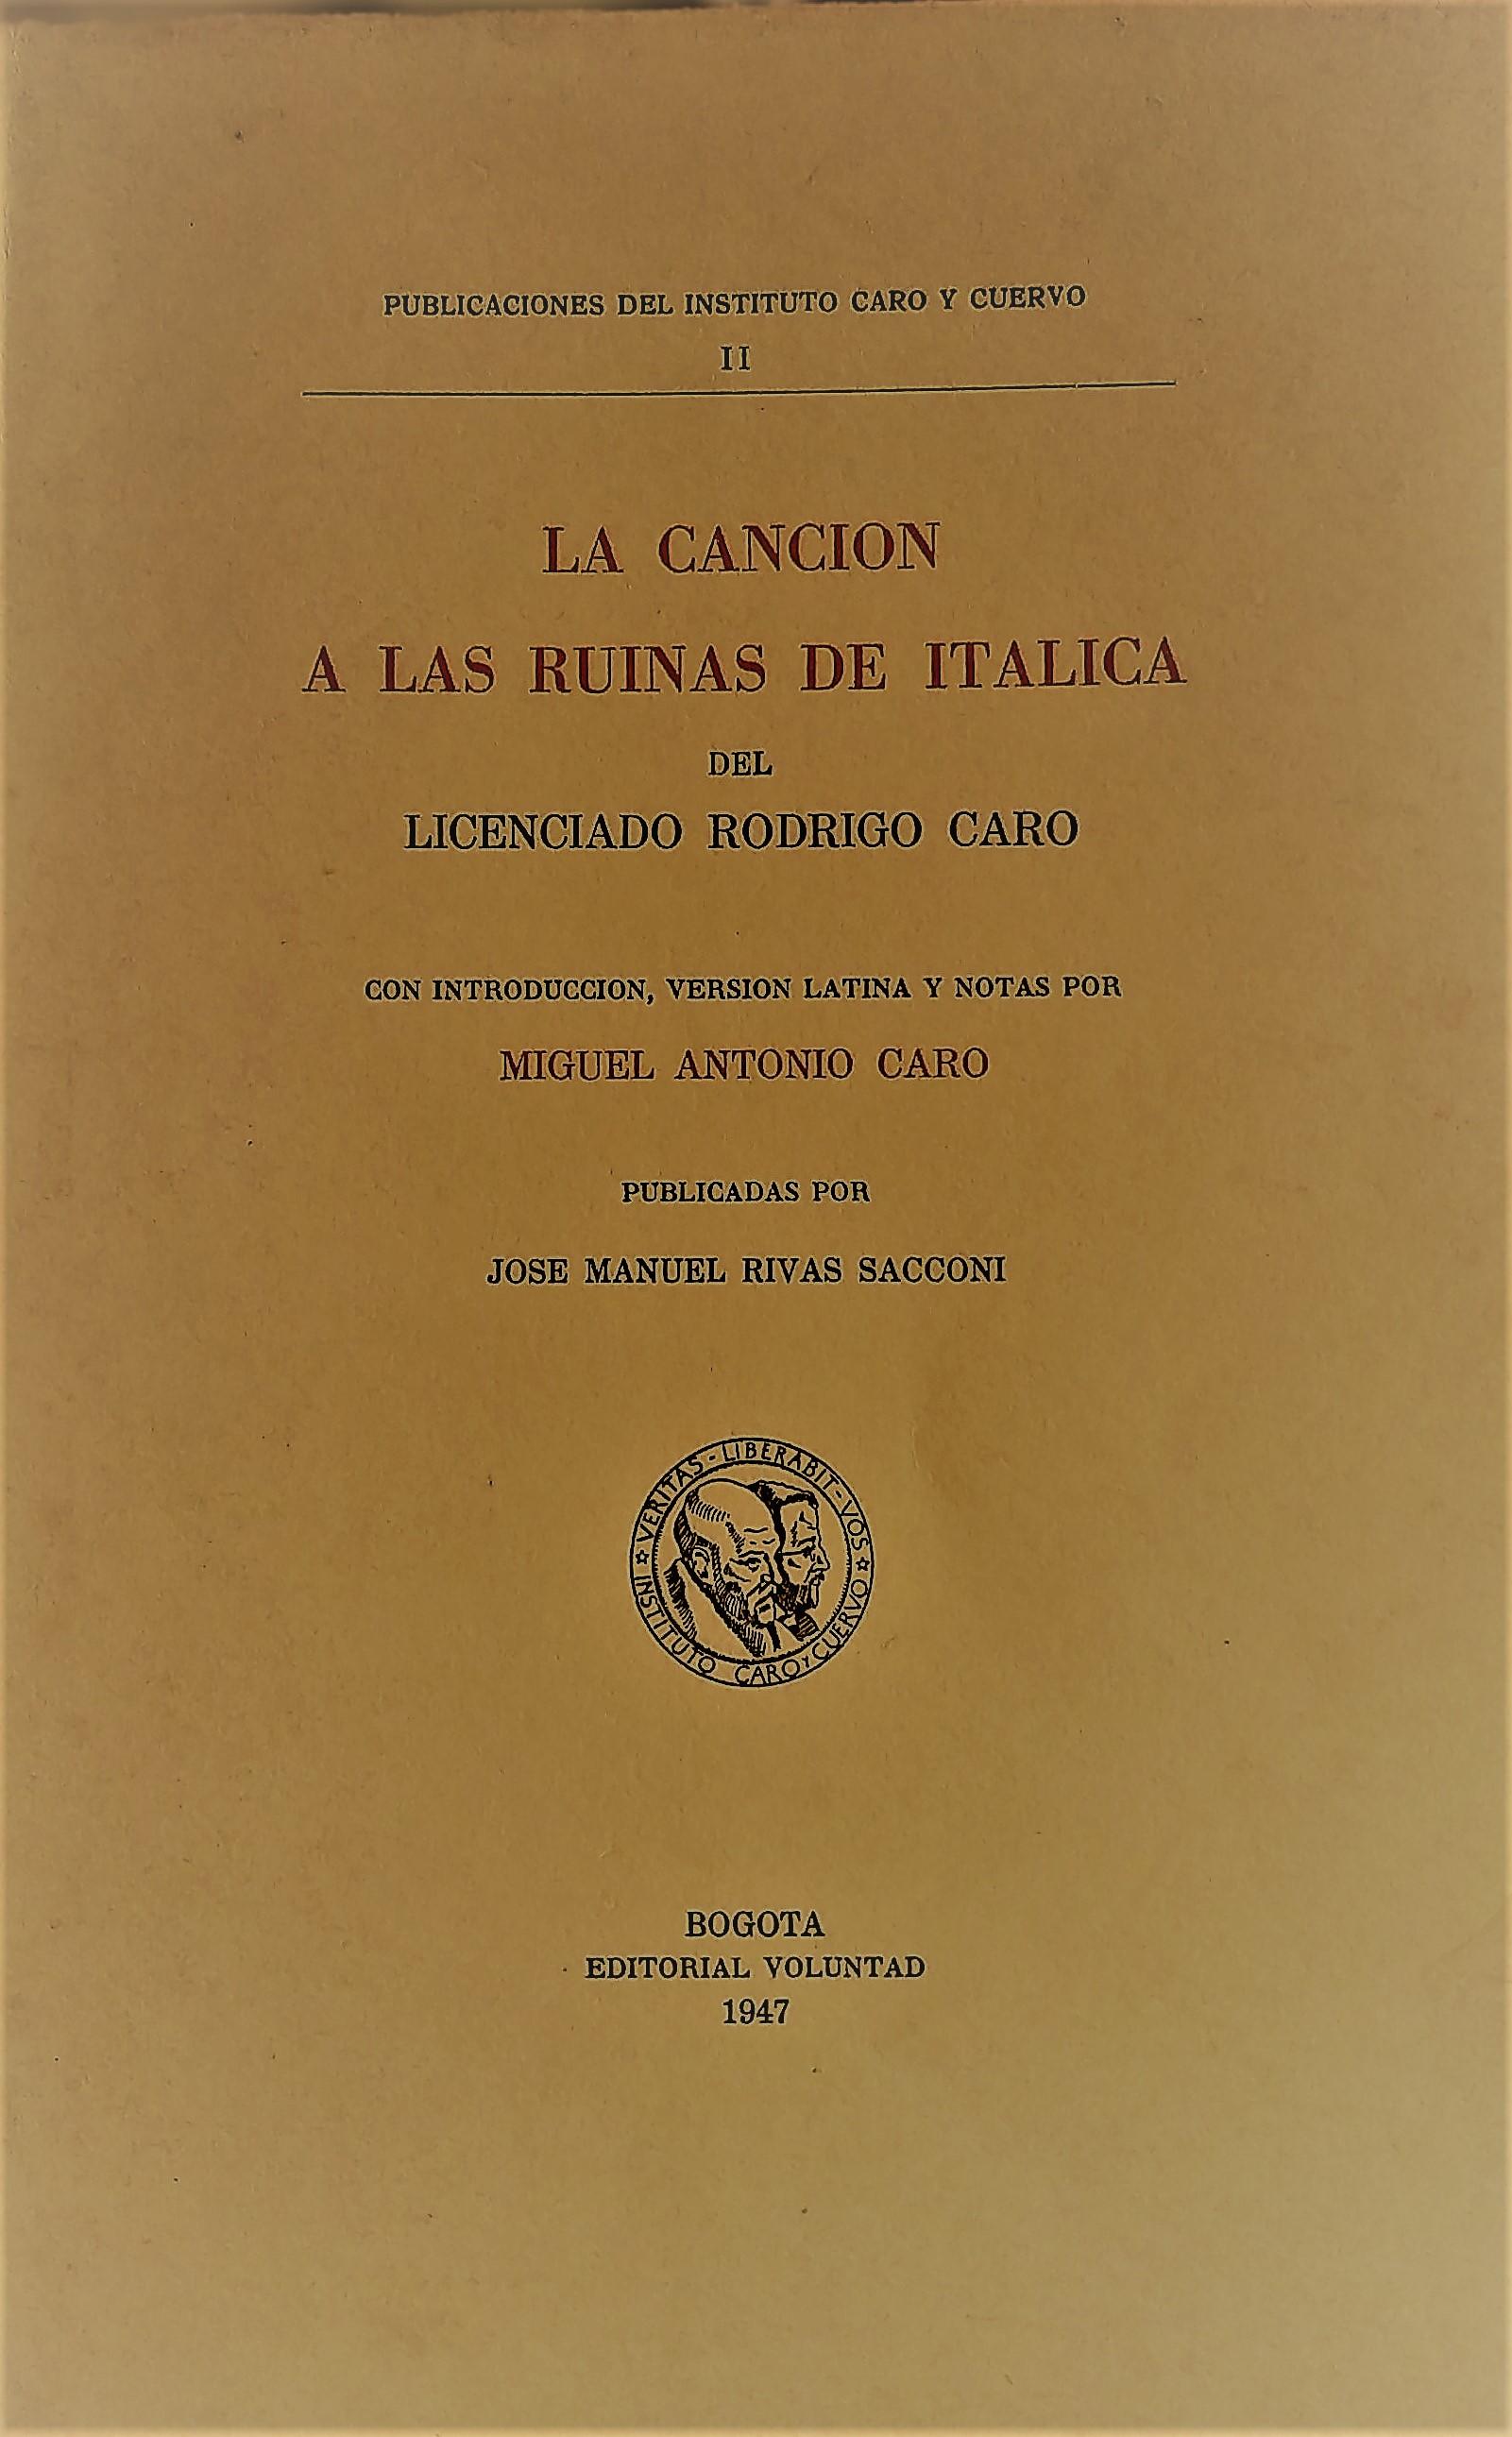 La canción a las ruinas de Itálica del licenciado Rodrigo Caro